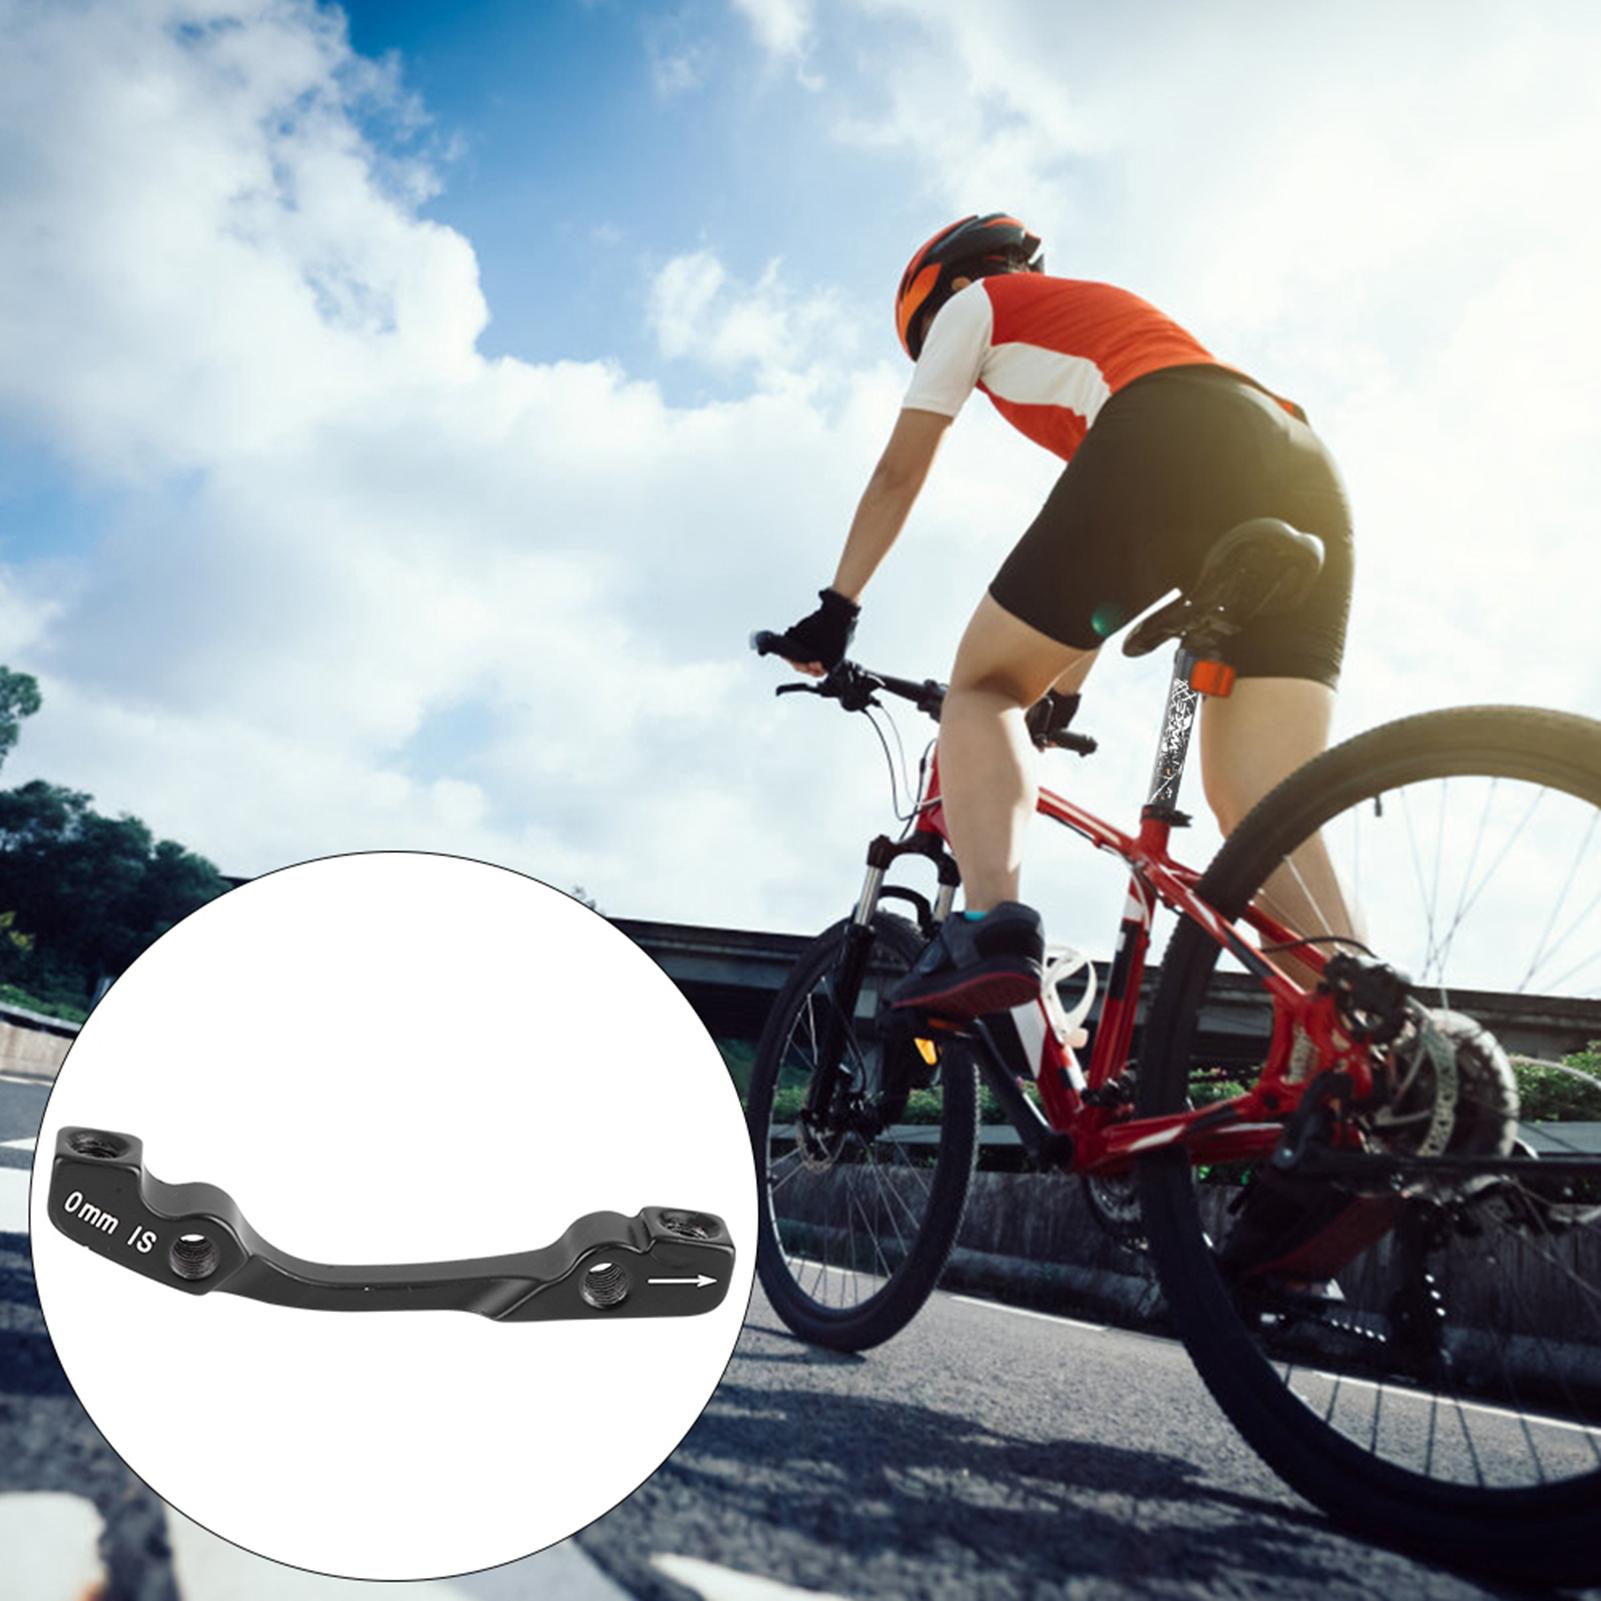 Bike-Adapter-MTB-Ultralight-Bracket-Disc-Brake-Mount-for-140-160-180-203mm-rotor thumbnail 15